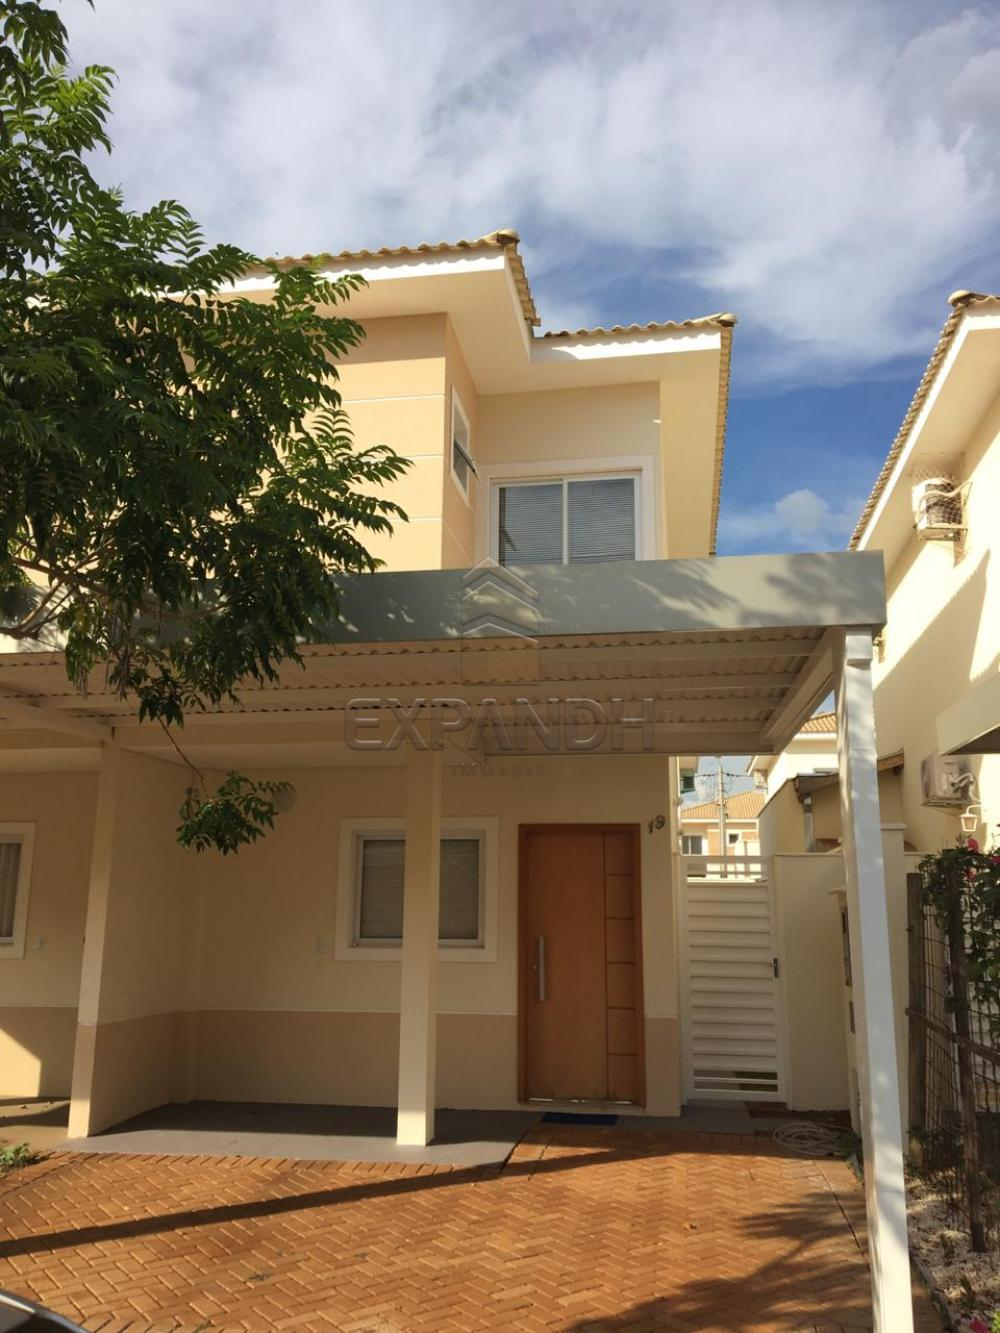 Alugar Casas / Condomínio em Sertãozinho R$ 1.200,00 - Foto 2